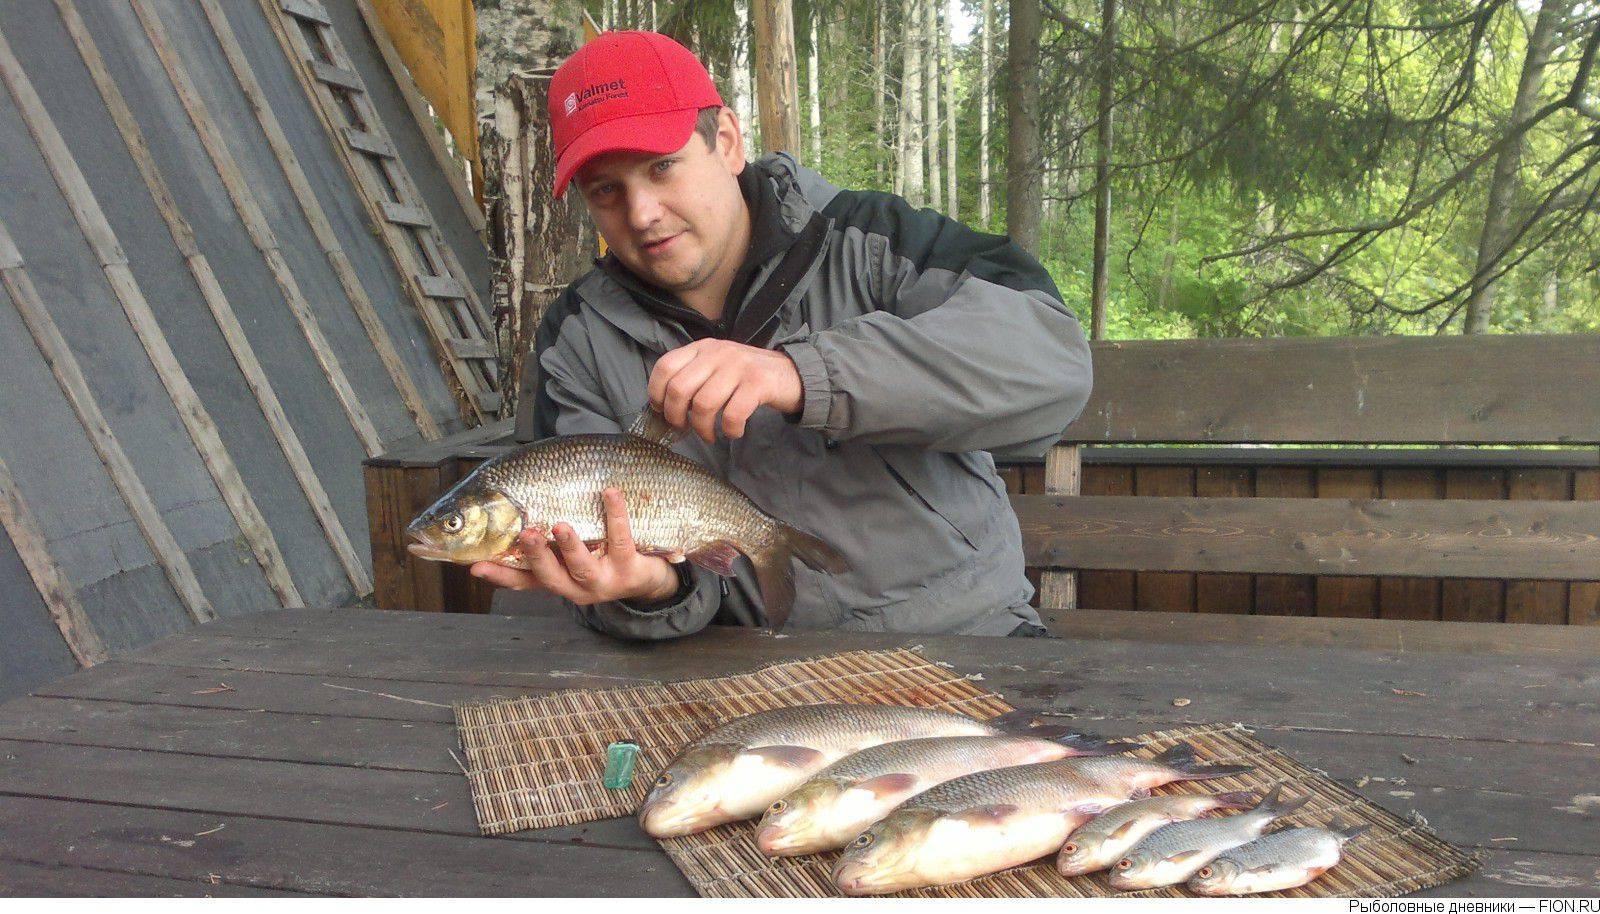 Инструкция бнк: где, когда и чем можно ловить рыбу в коми « бнк